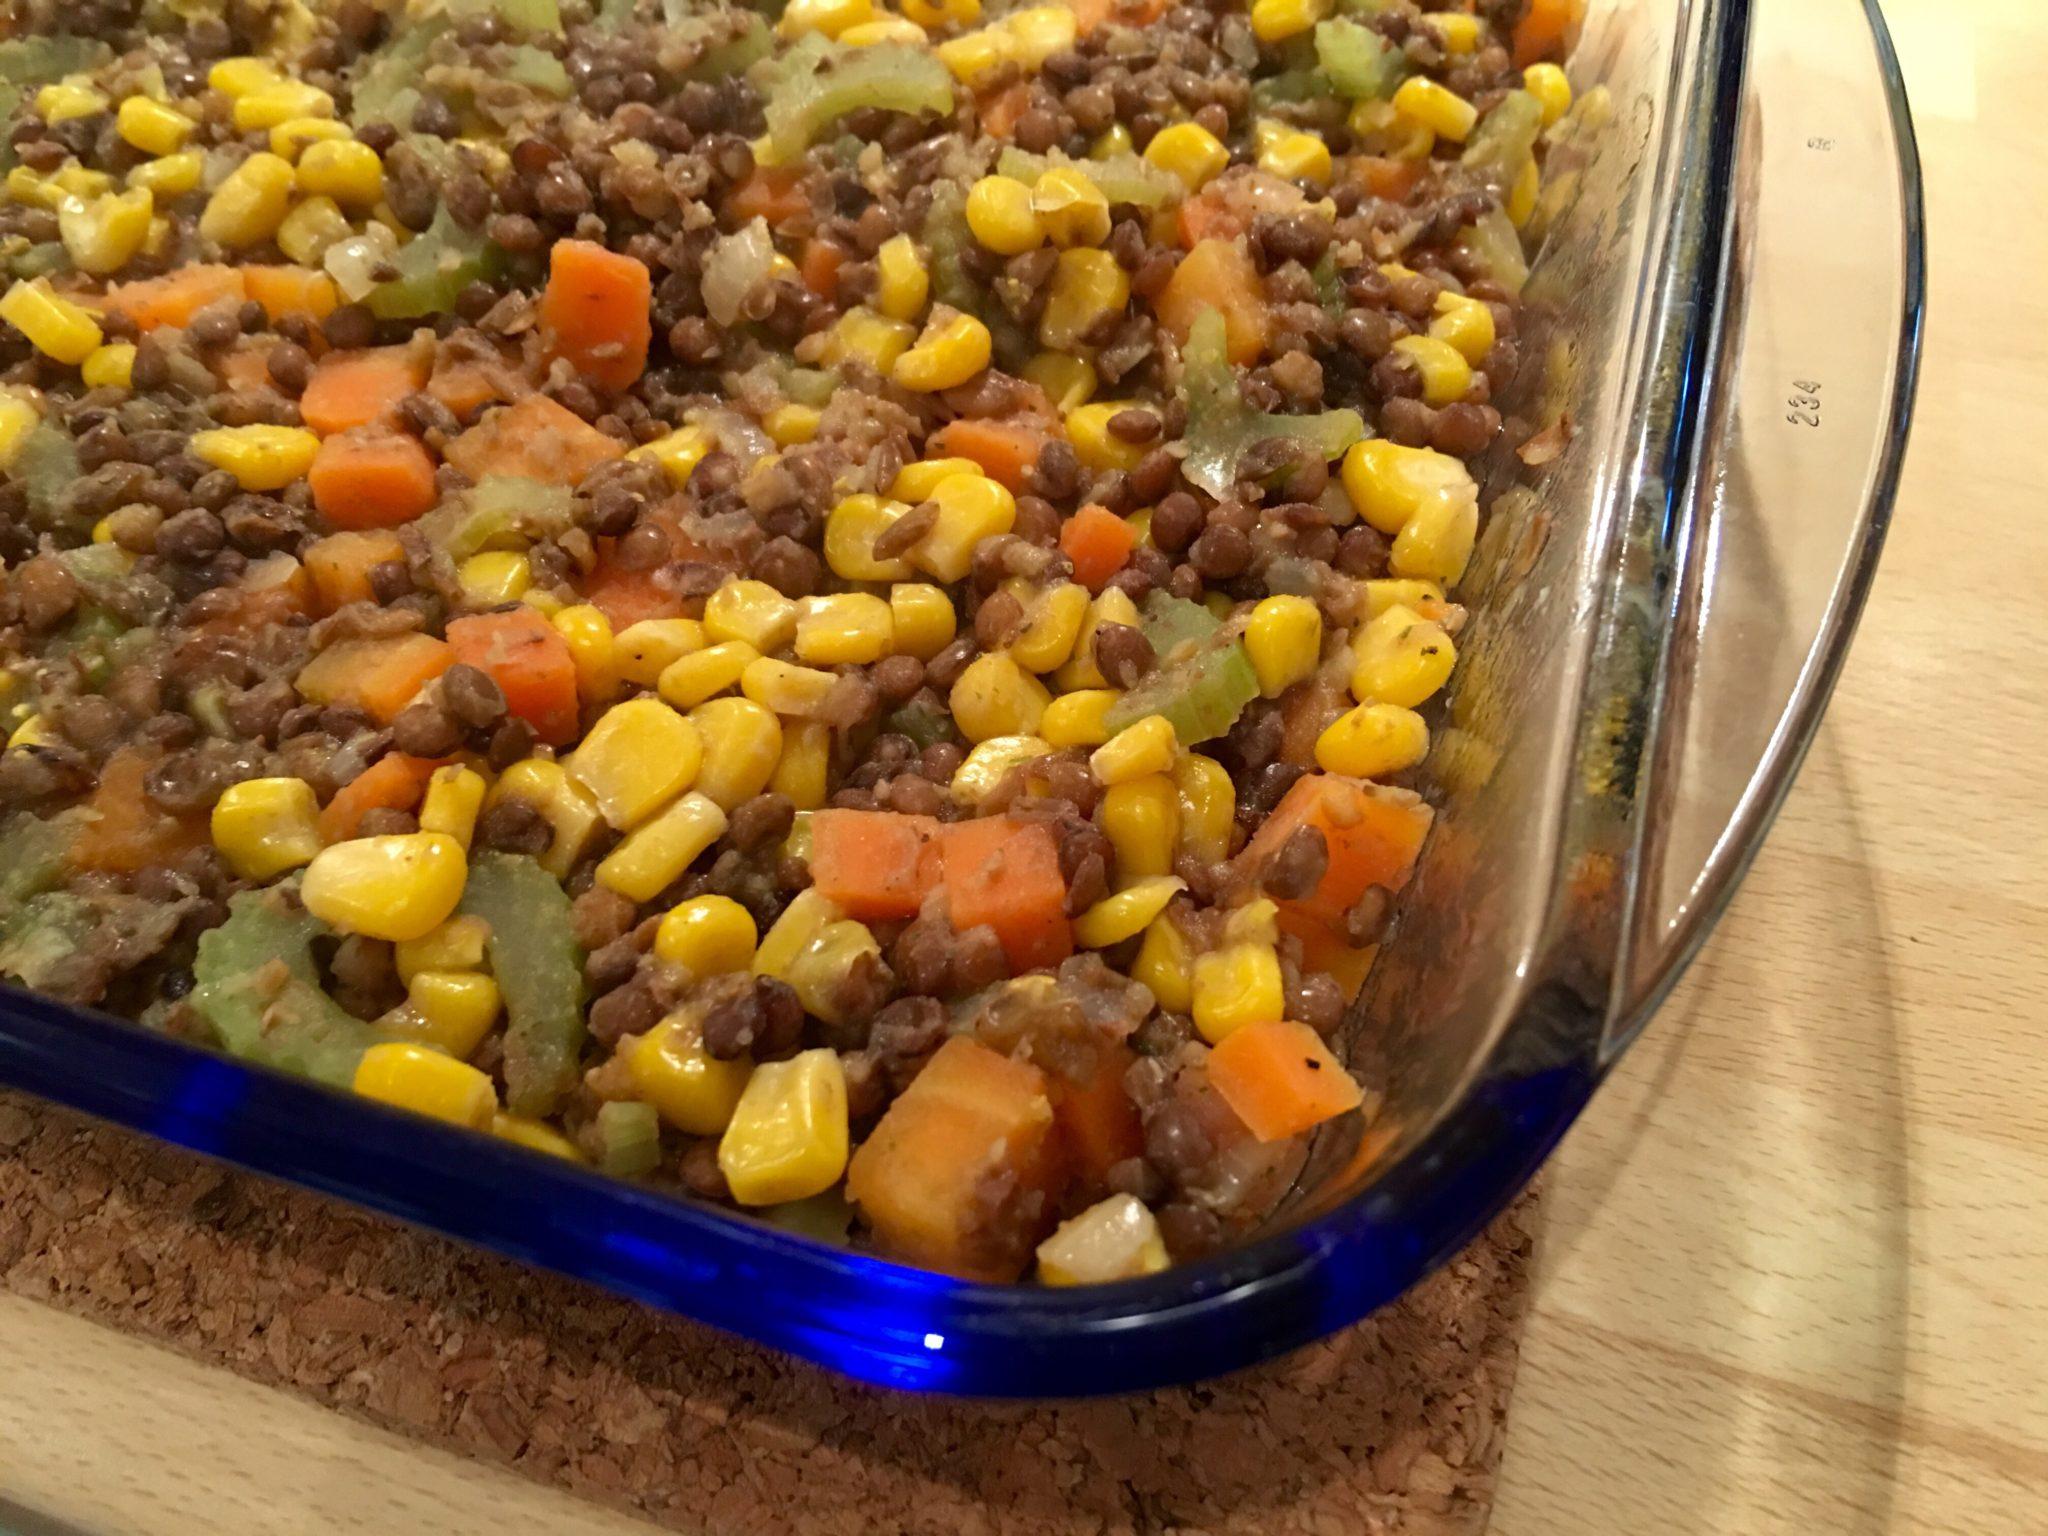 Gemüsemischung in Auflaufform